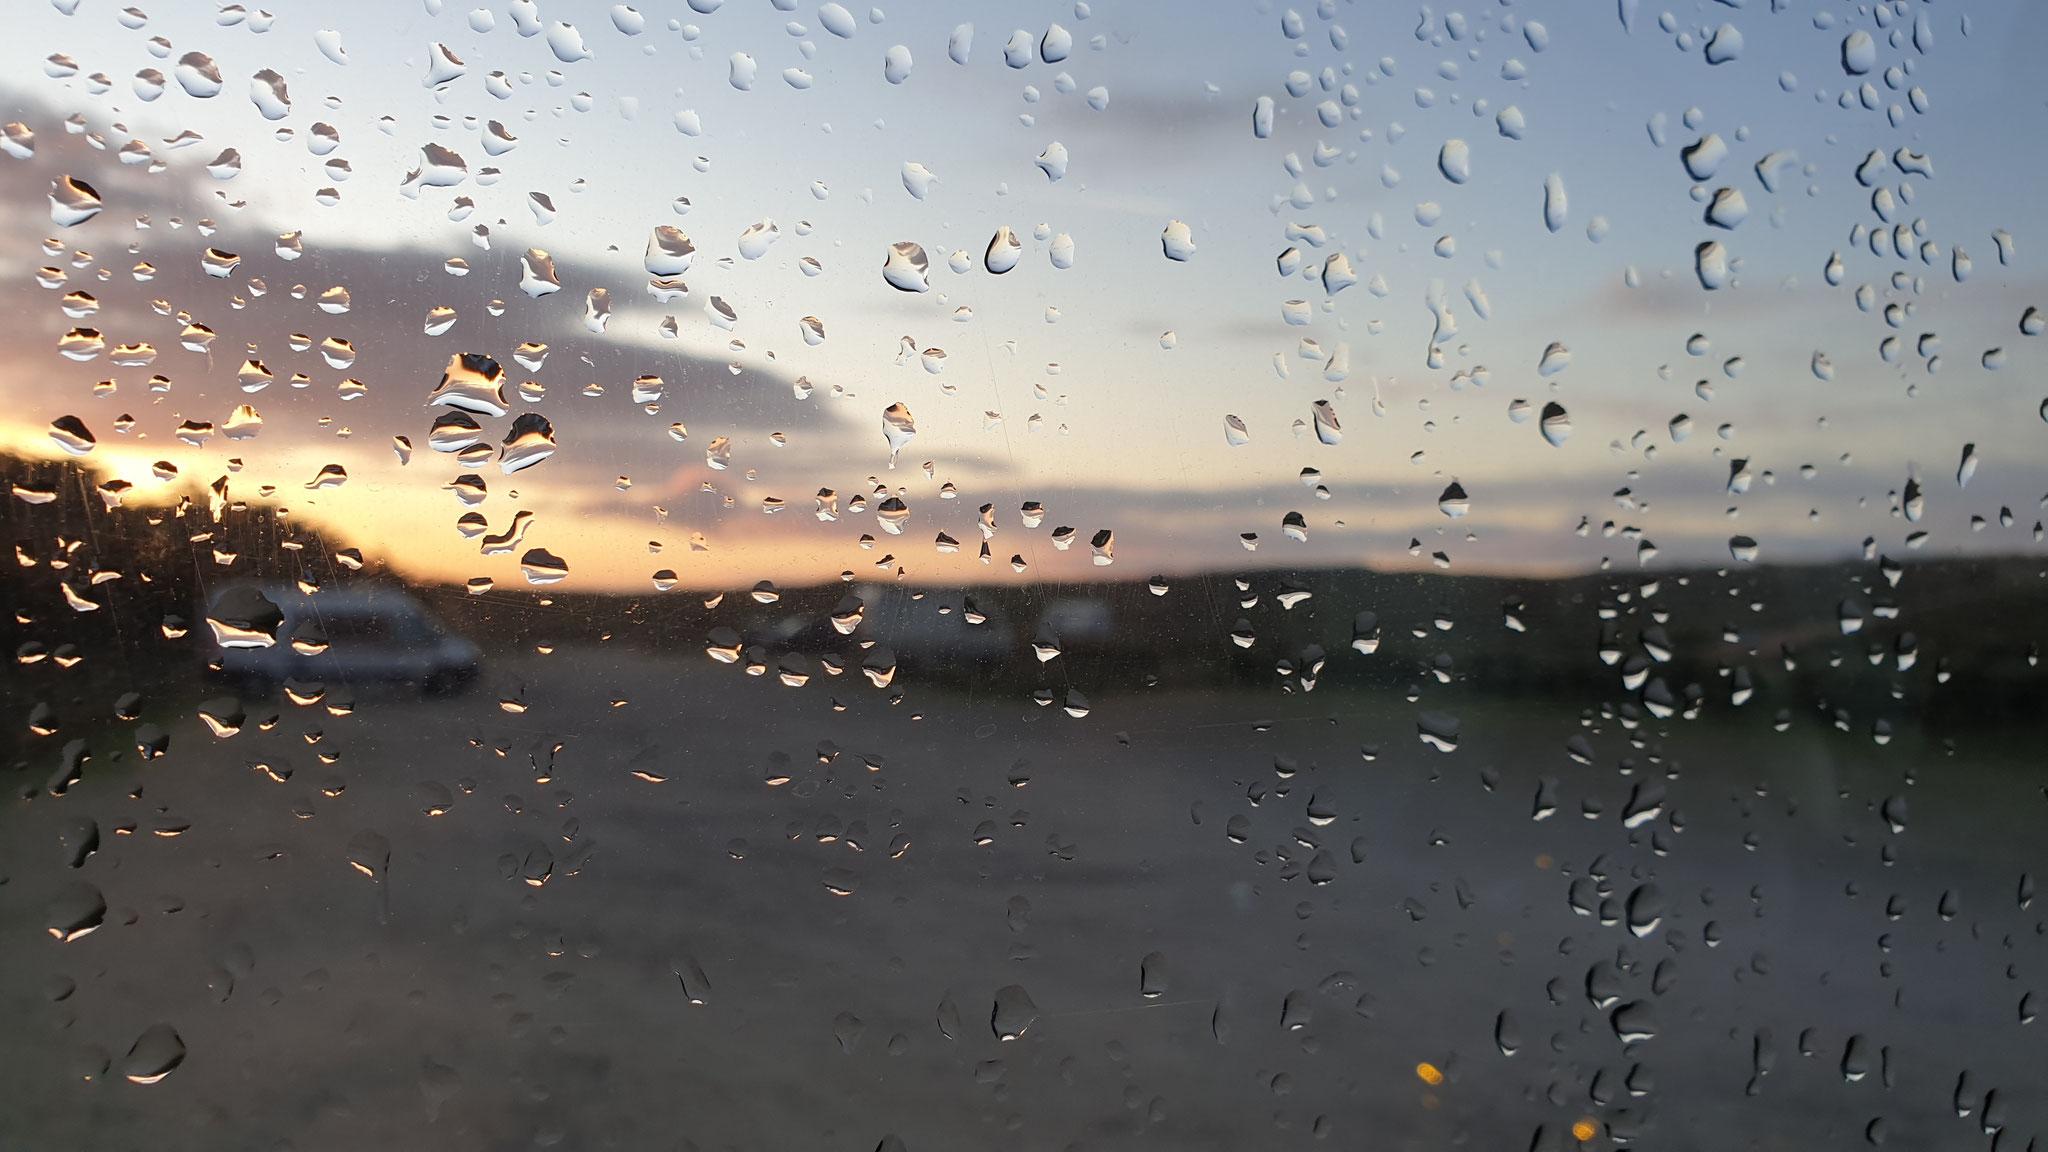 In der Nacht scheint es geregnet zu haben